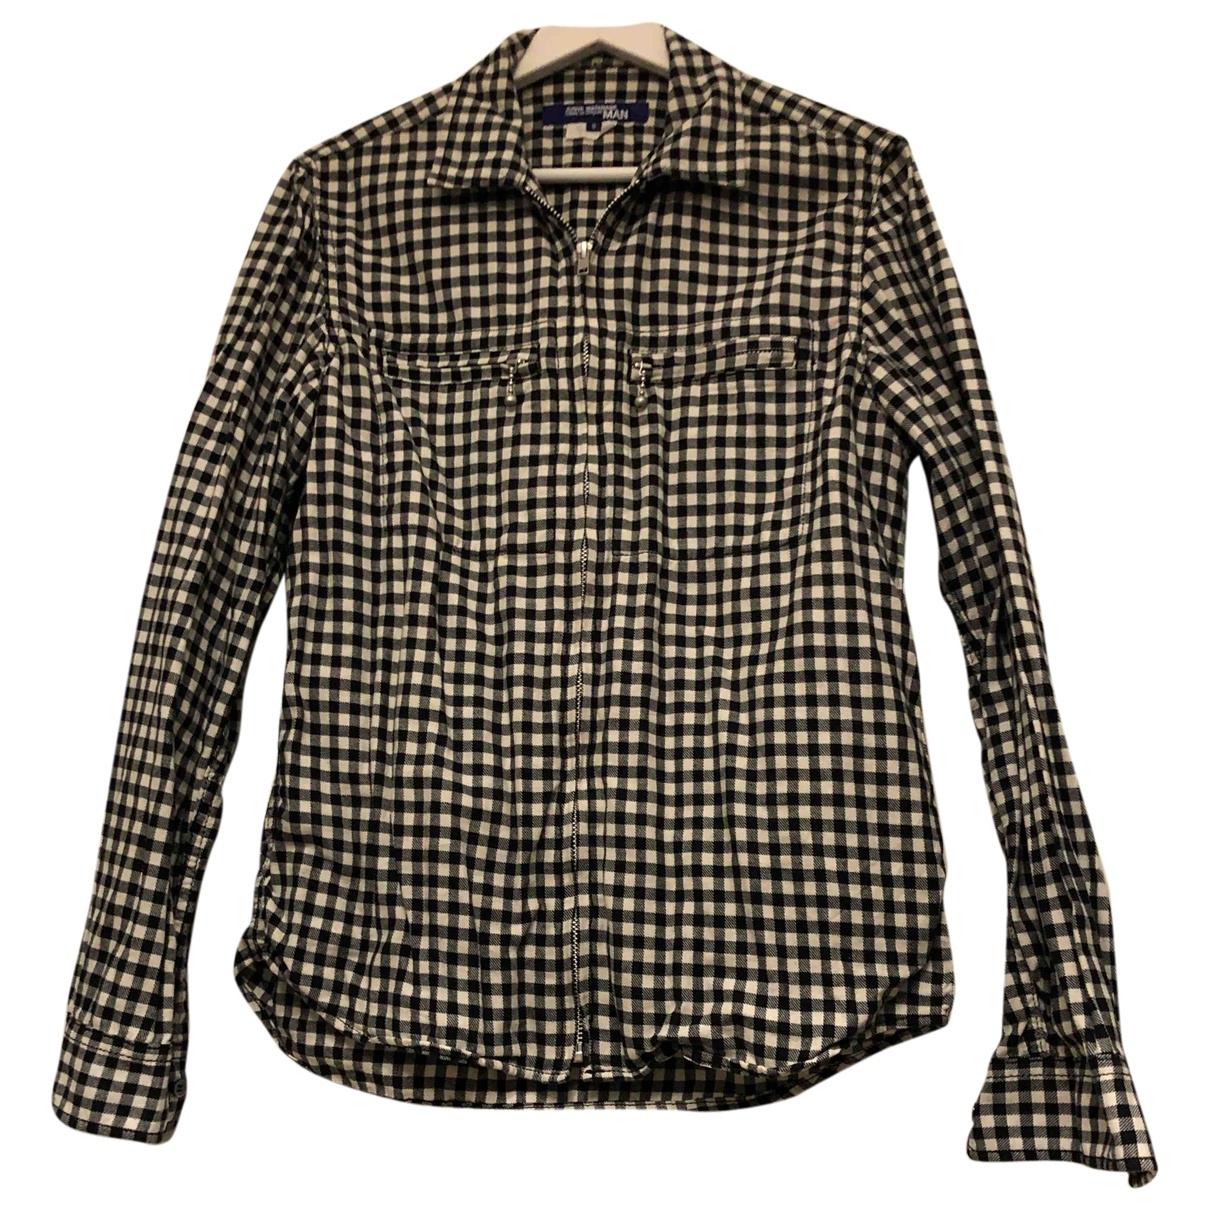 Comme Des Garcons \N Multicolour Cotton jacket  for Men S International